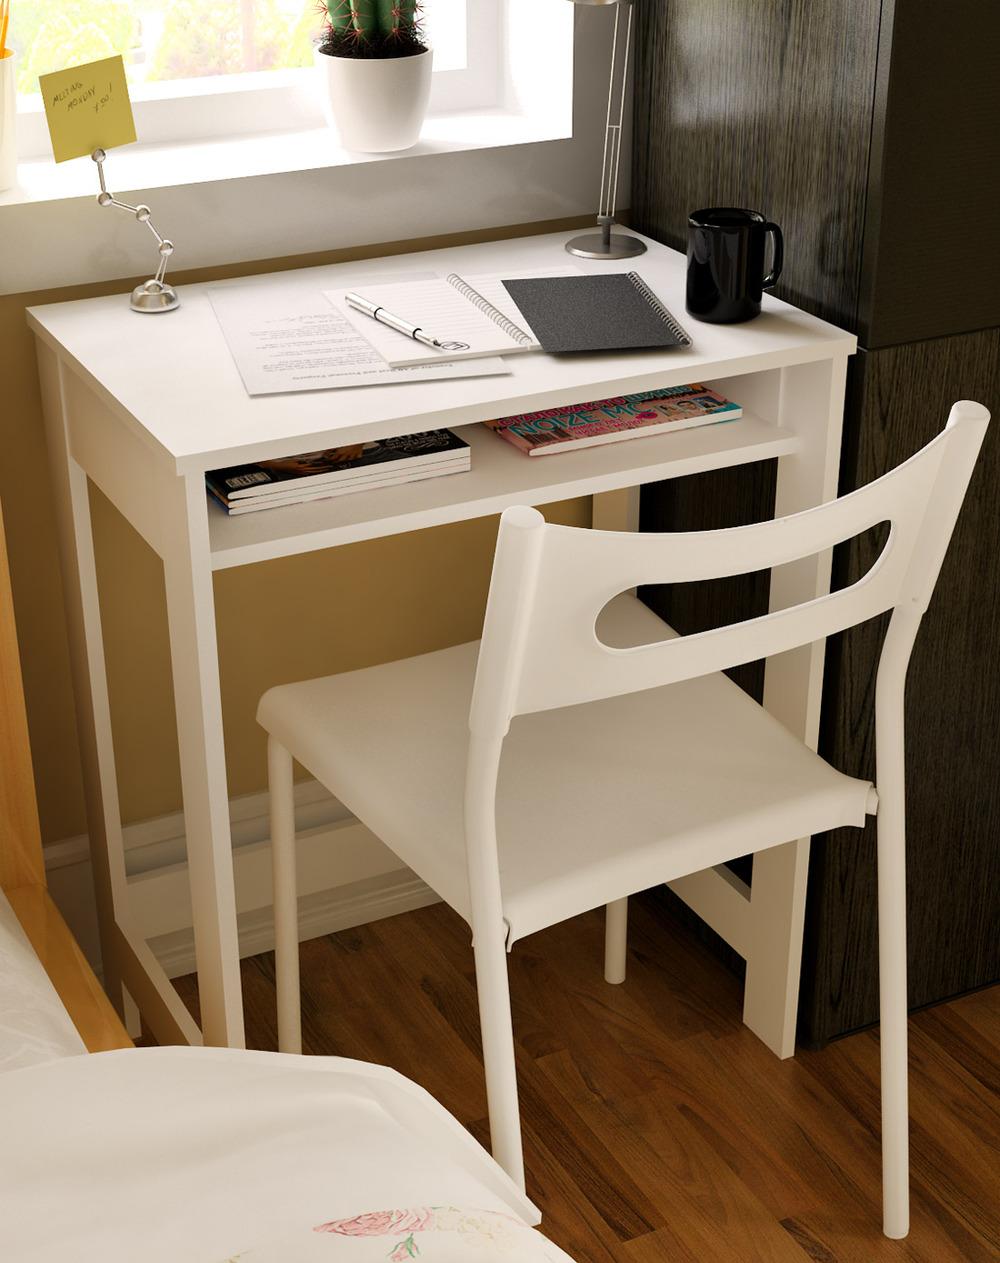 ikea-børns-kreativ-minimalistisk-desk-computer-skrivebord-simple-desk-studie-table-en-lille-desk-miljø